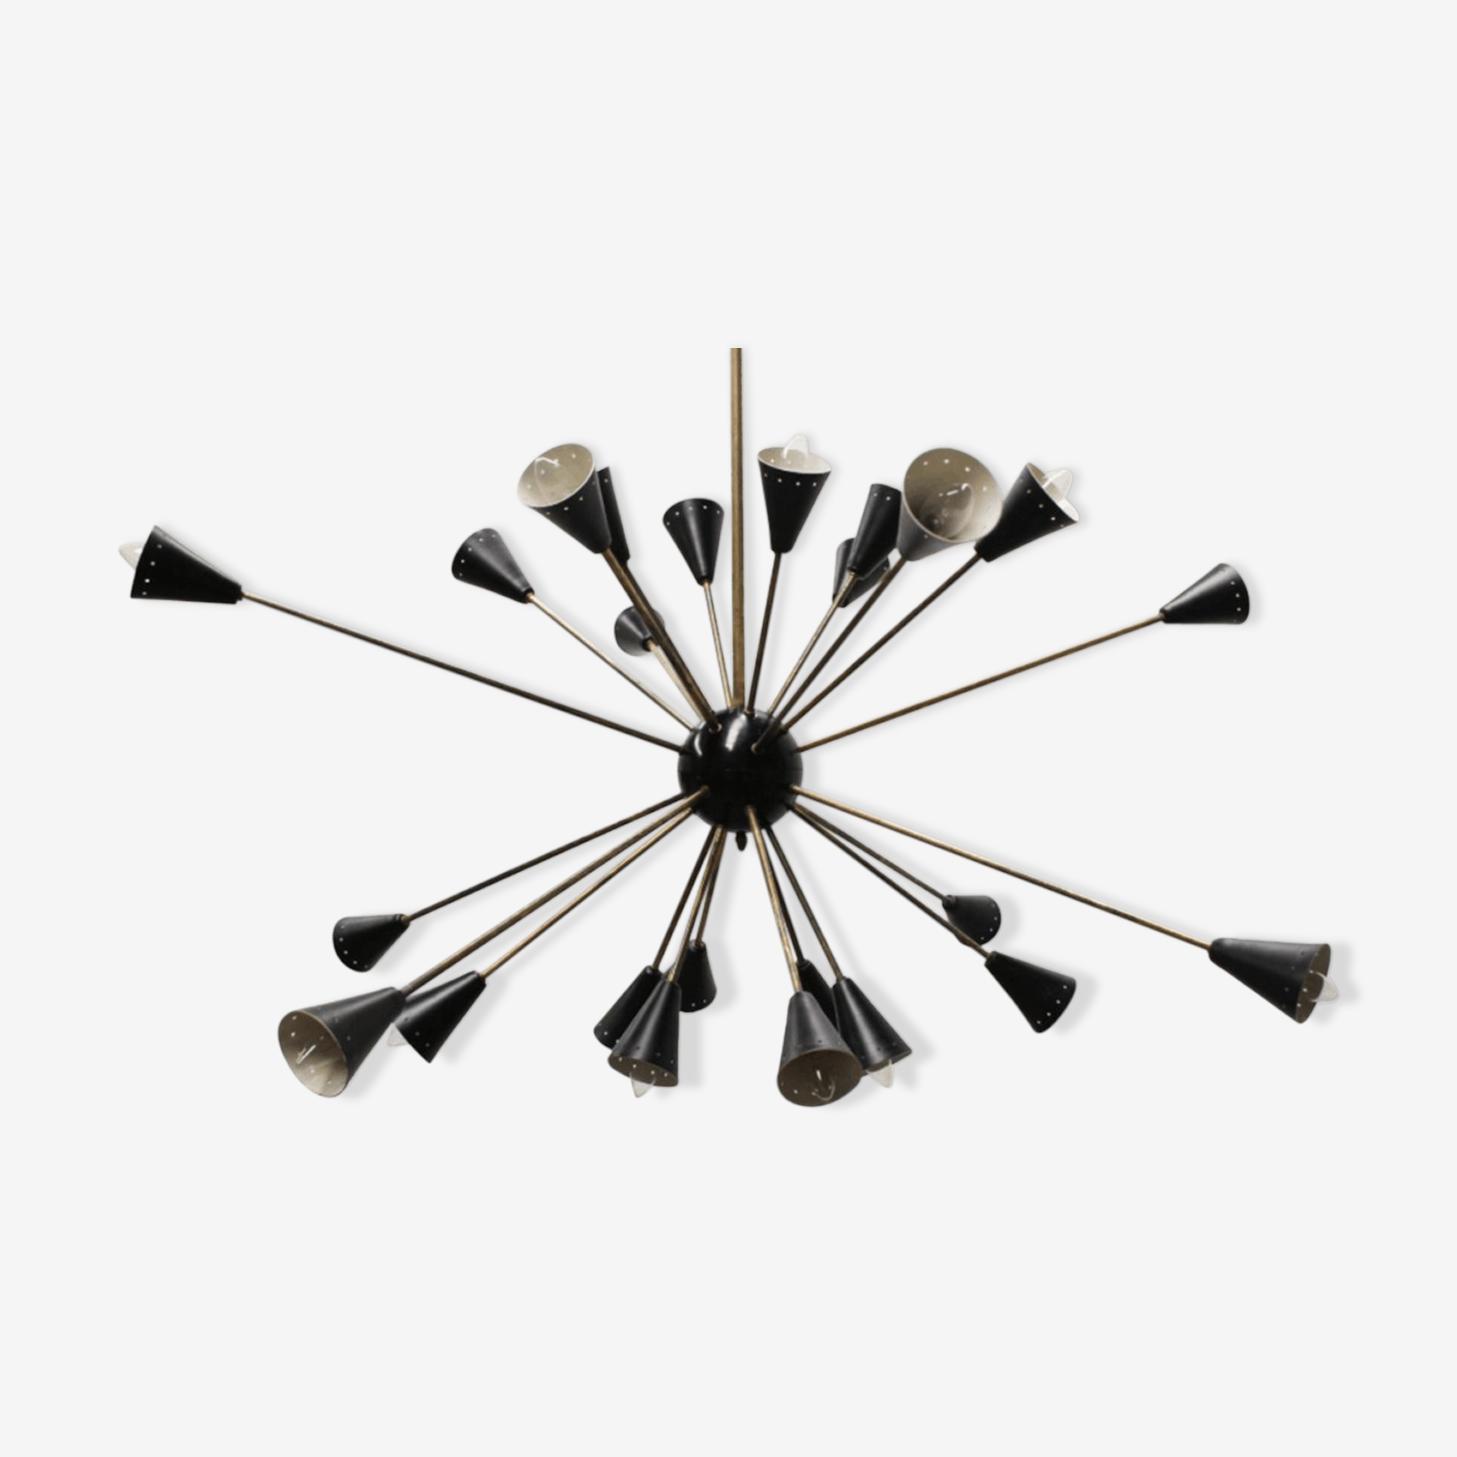 Lustre sputnik à 24 bras en laiton et métal laqué noir